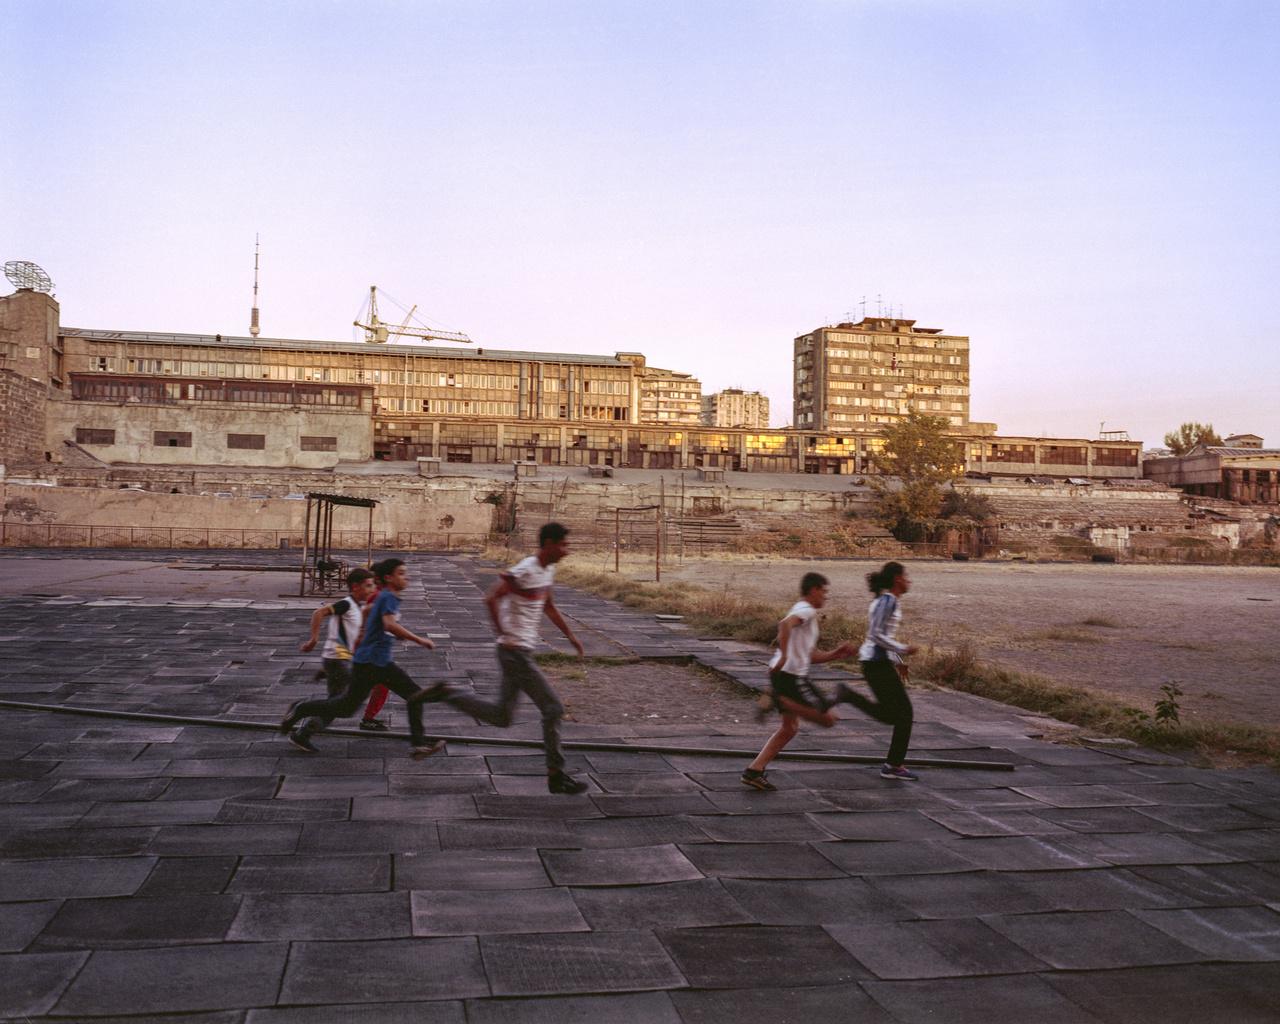 Ahogy mindenhol, Örményországban is a futball a legnépszerűbb sportág. Az örmény válogatott nem túl erős, de már Premier League-futballistát is adtak, Henrik Mihtarjan az Arsenalban játszik. A futball után azok a sportok következnek, amelyek a szovjet időkben voltak erősek. A súlyemelés, a birkózás, a boksz, a torna és a vívás. Zoltai elsősorban ezekre volt kíváncsi. Mindegyikben elég erős a versengés, kis falvaktól a nagyvárosokig mindenütt pörögnek a versenyek.